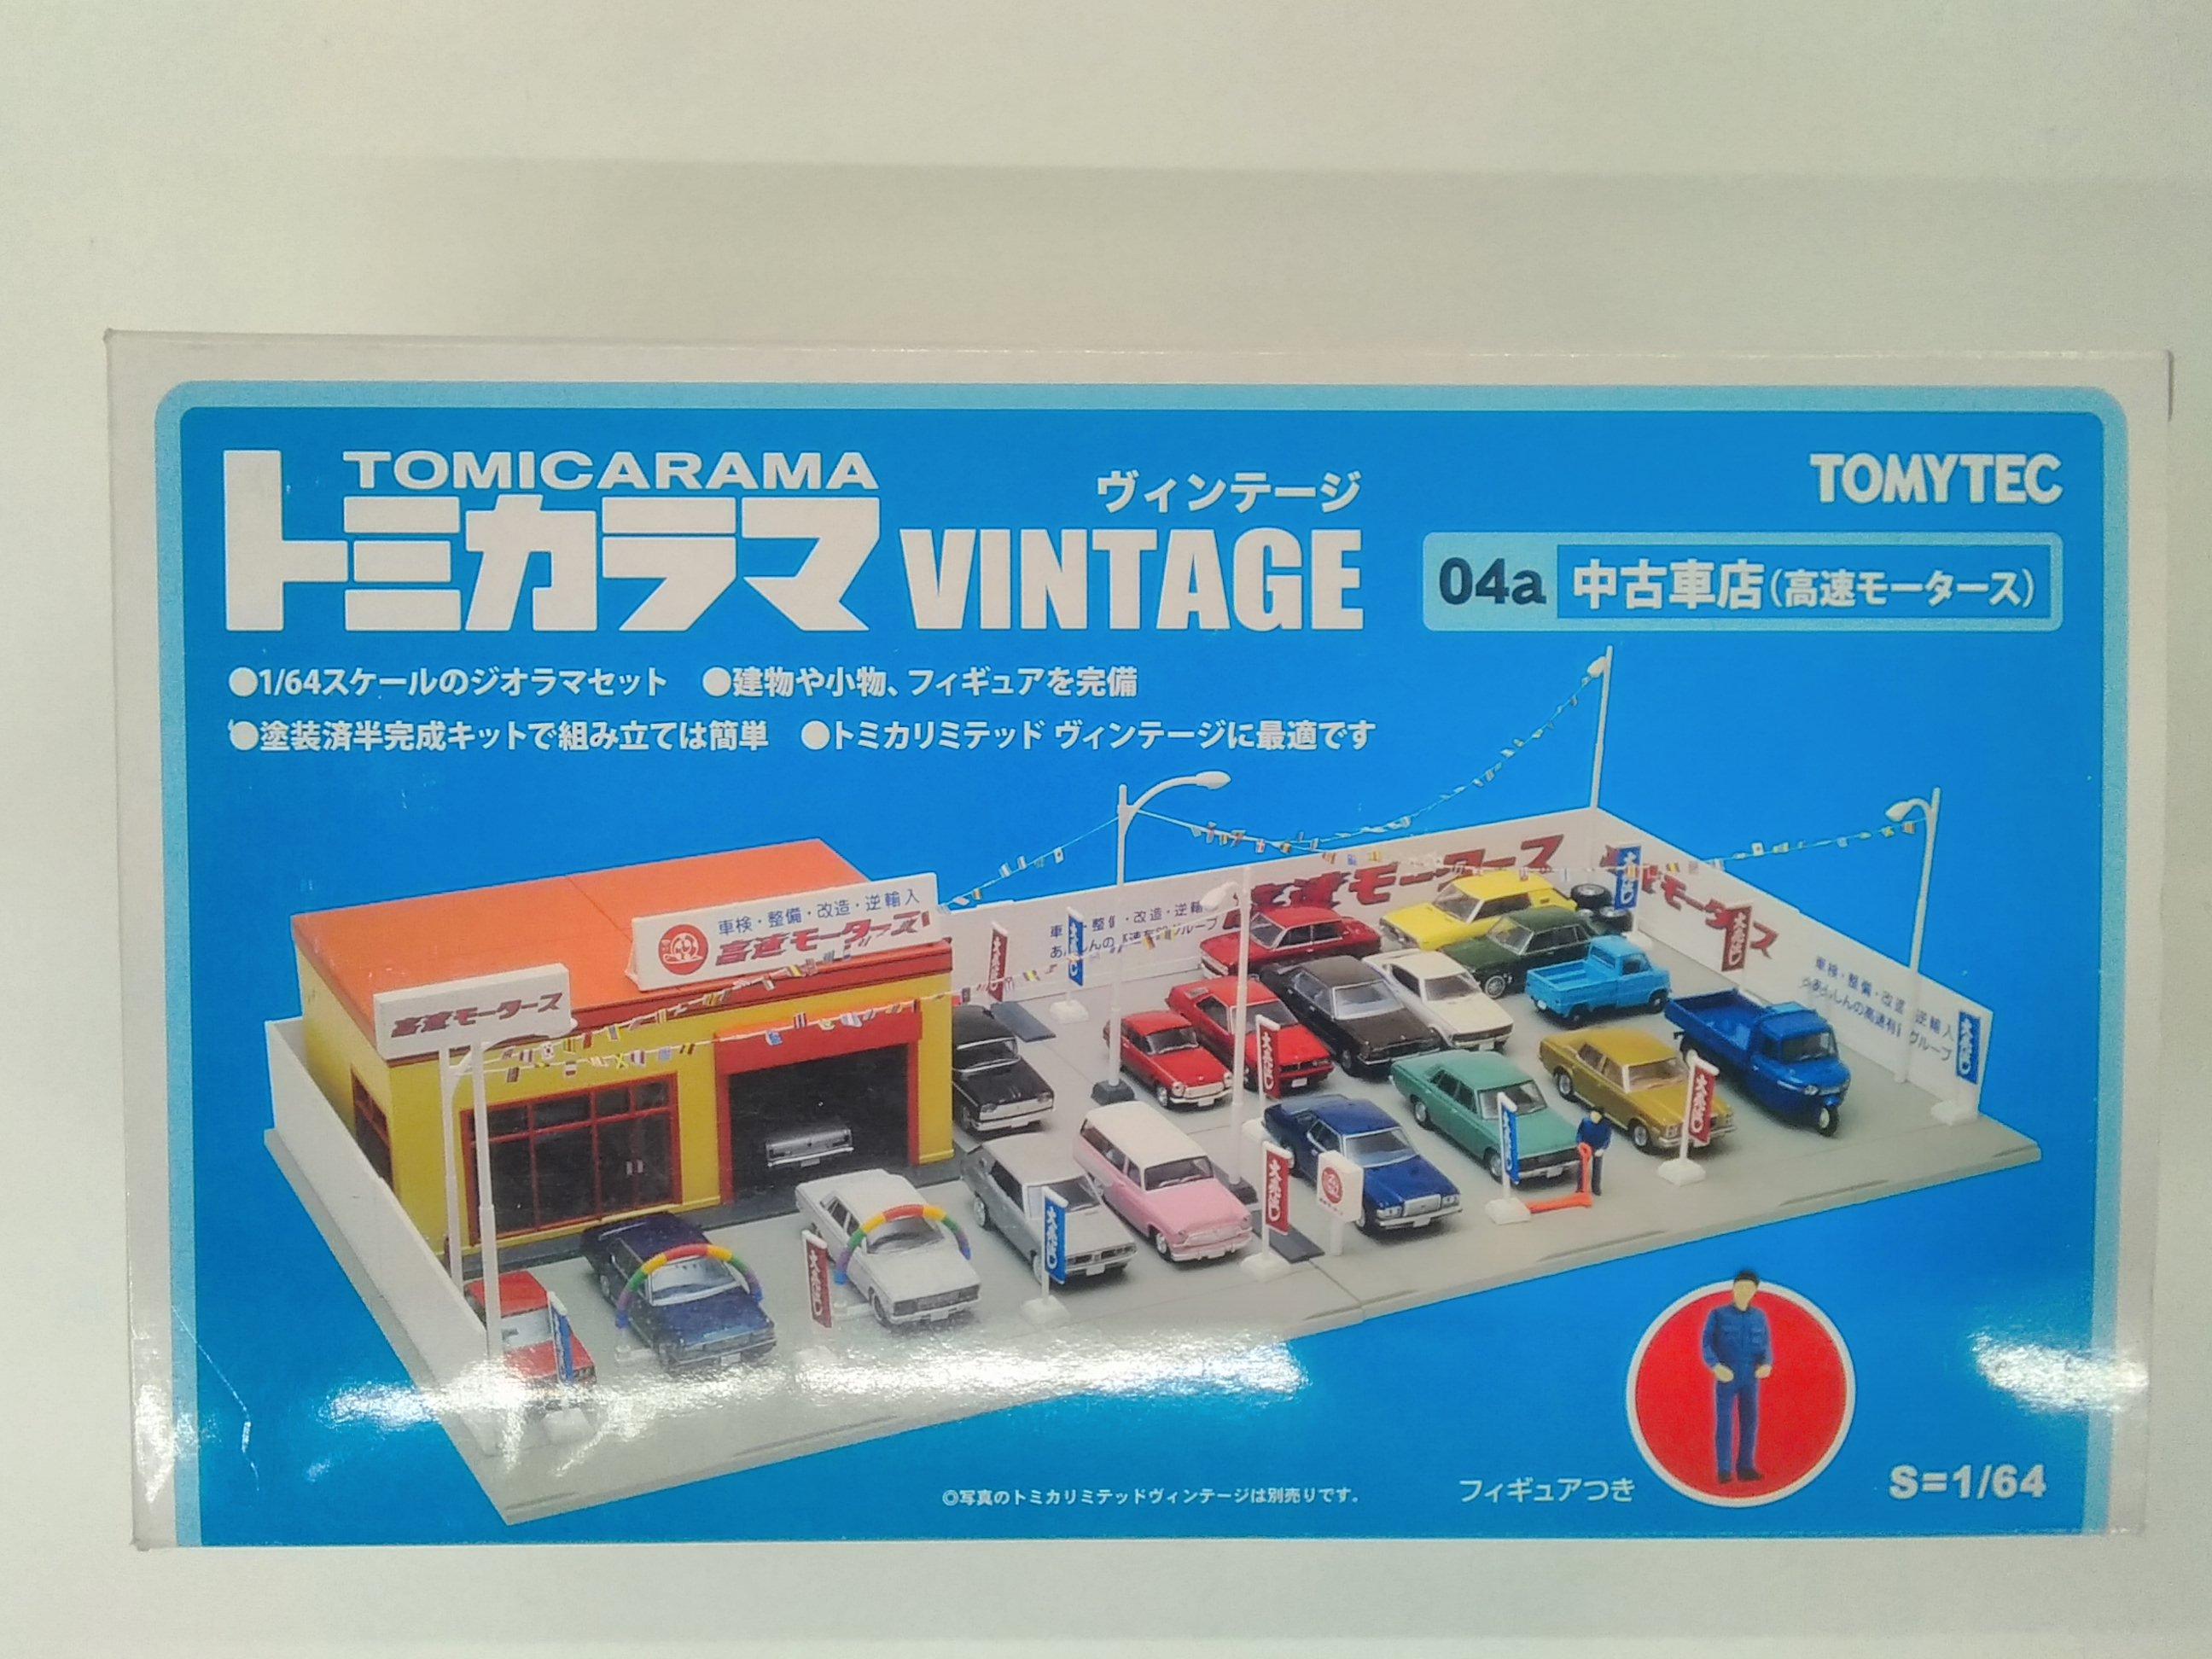 トミカラマヴィンテージ 中古車店|TOMYTEC